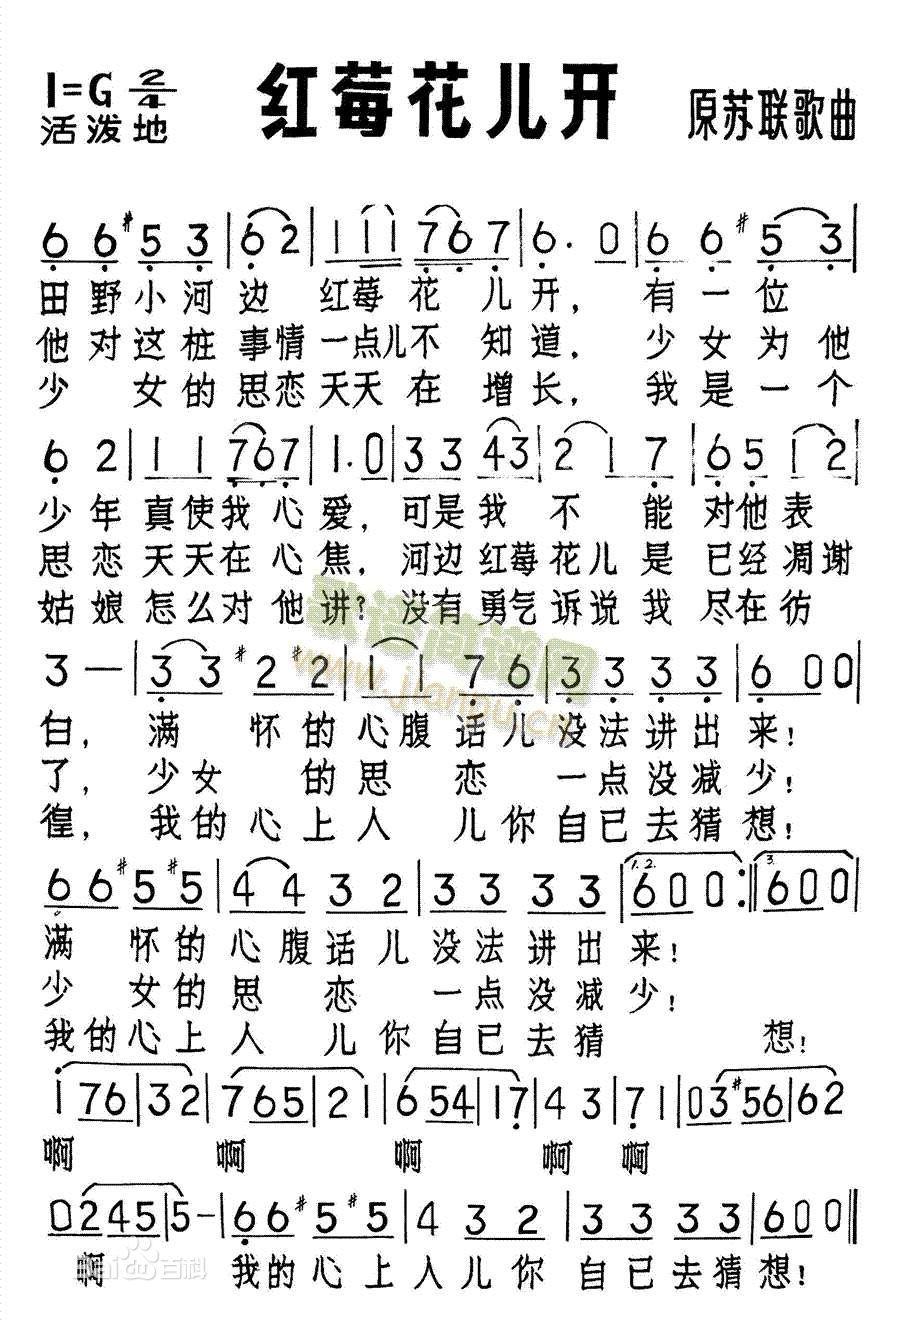 乡恋大提琴曲谱